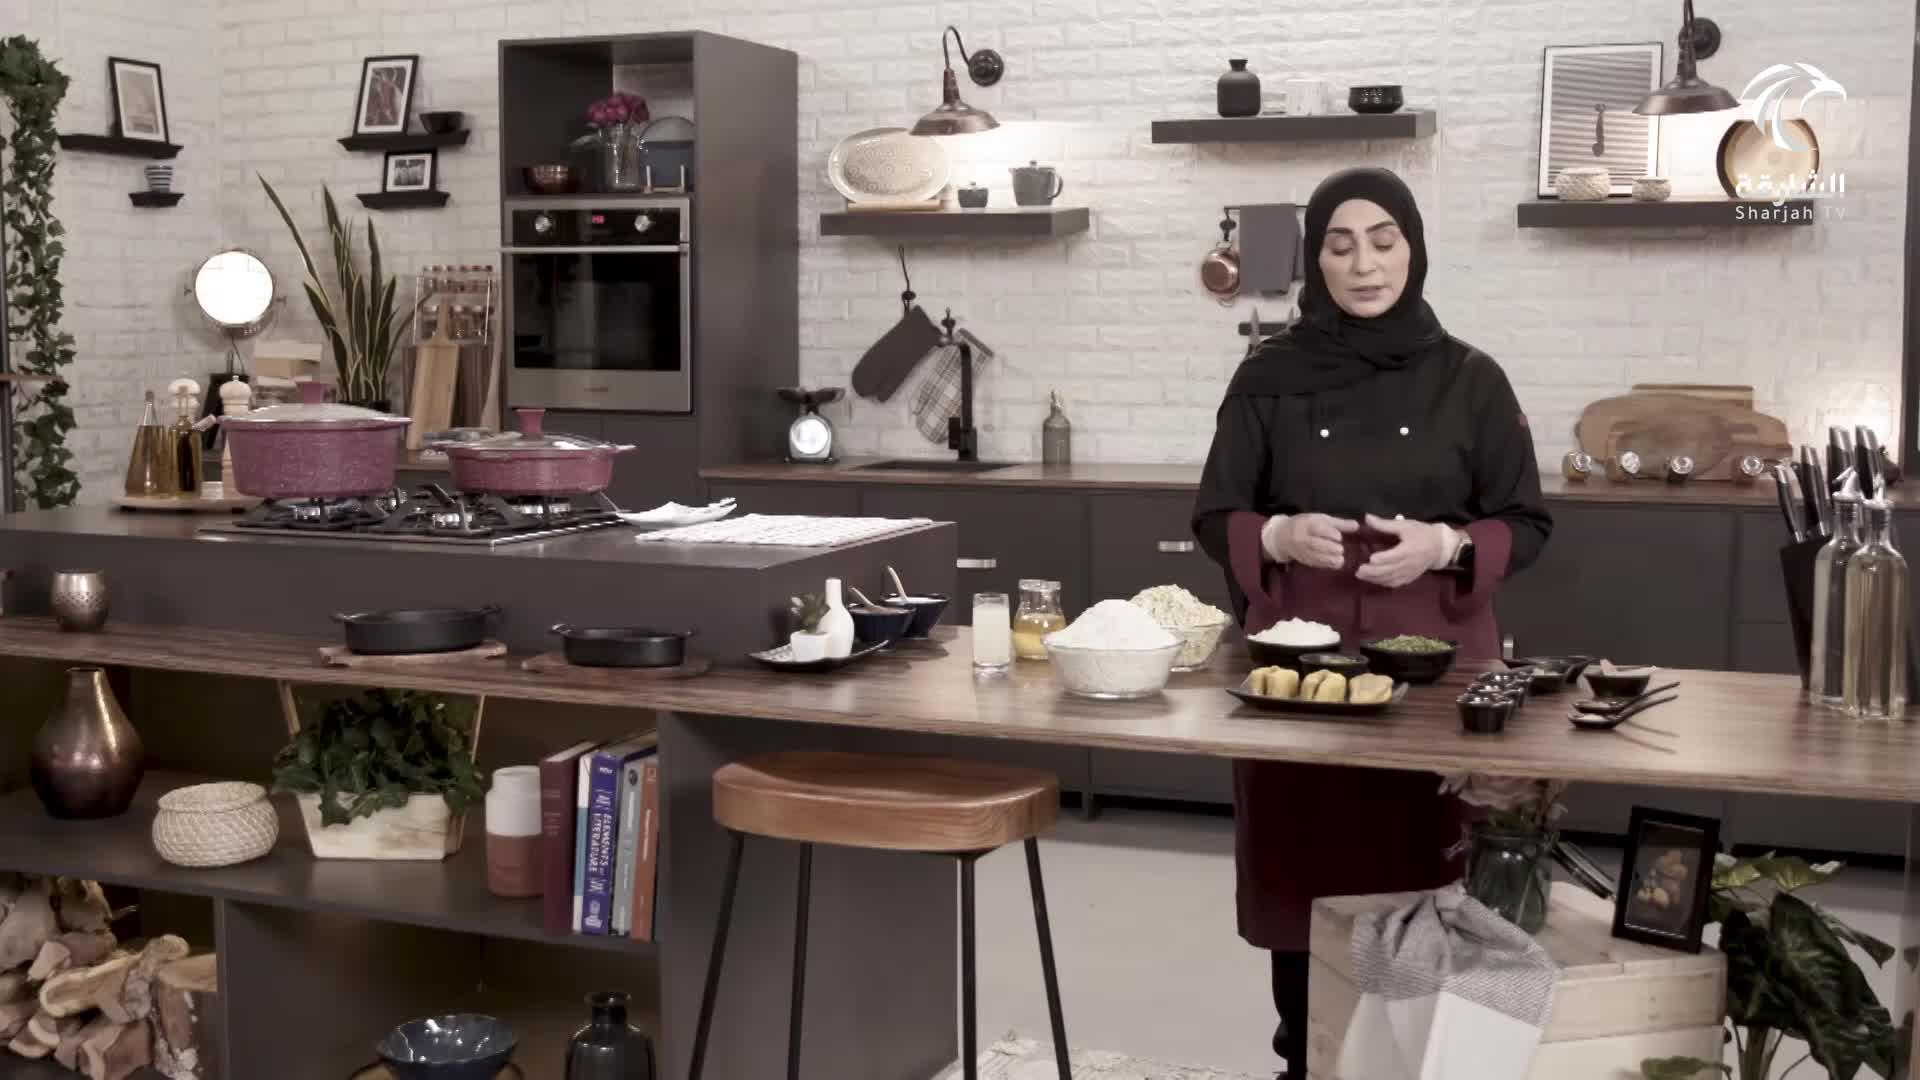 سلطة الجرجير مع المنجا - الجشيد مع الأرز - الحلوى البحرينية